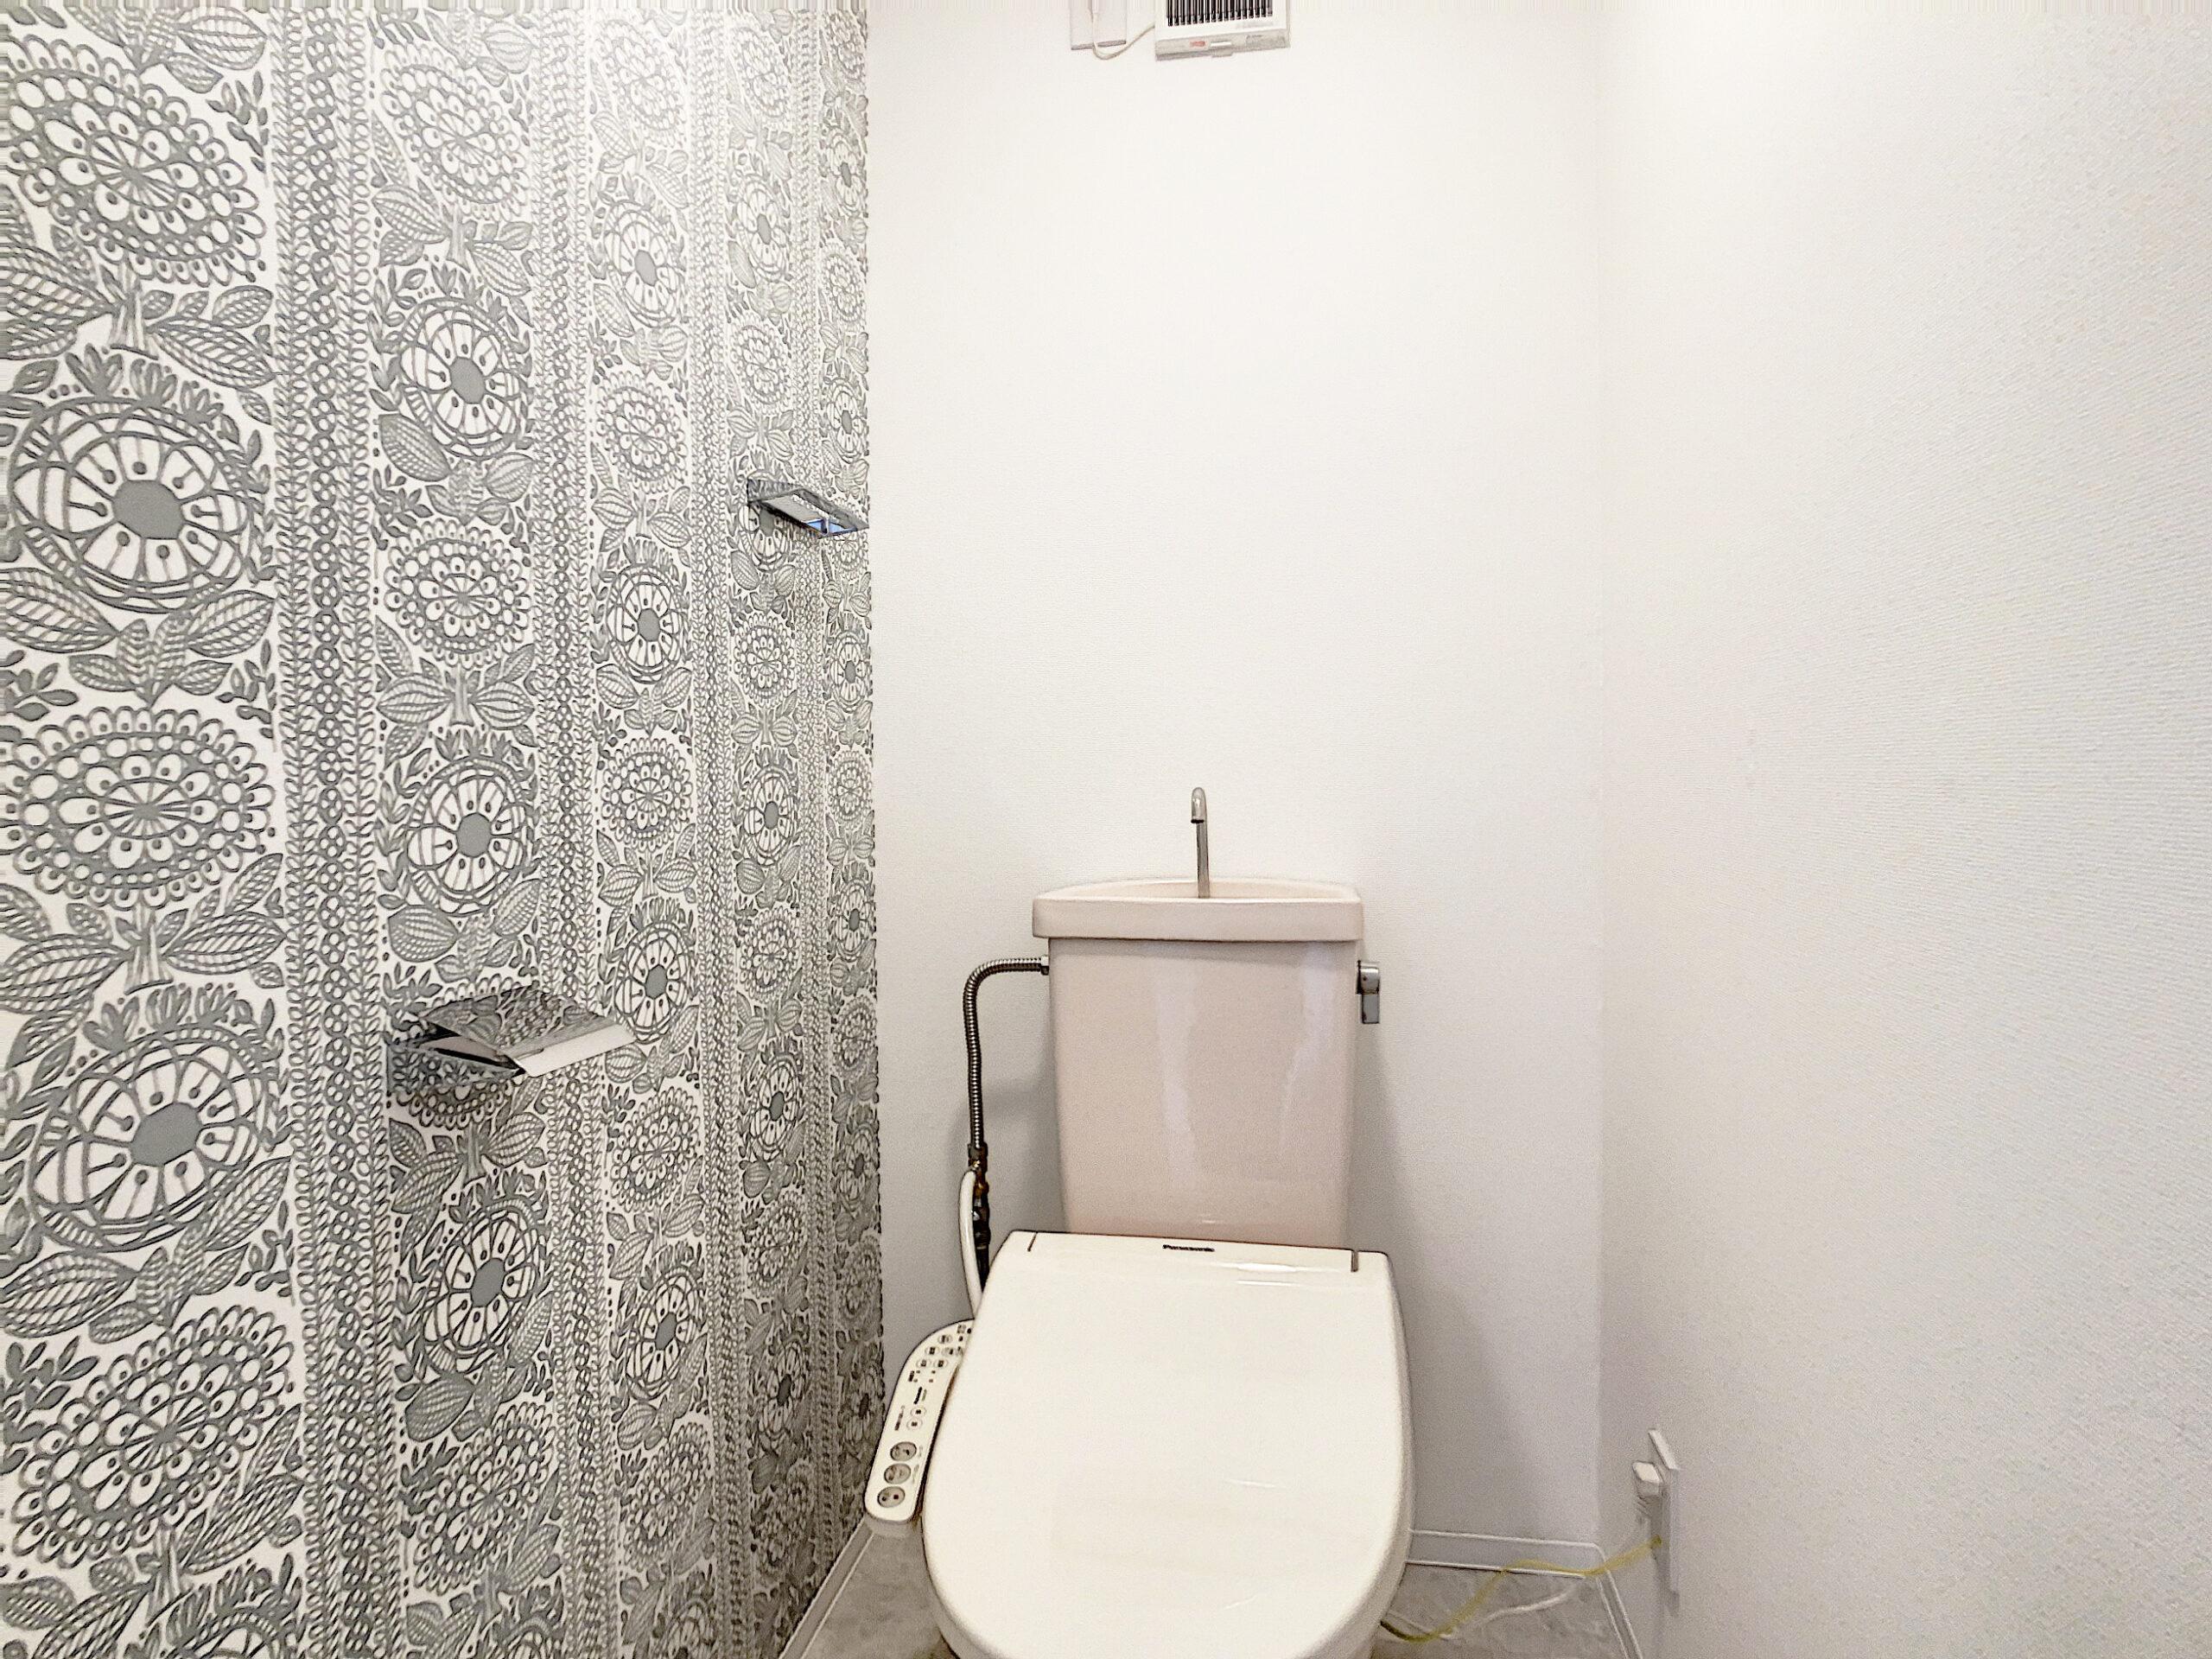 レースの壁紙がアクセントのトイレ